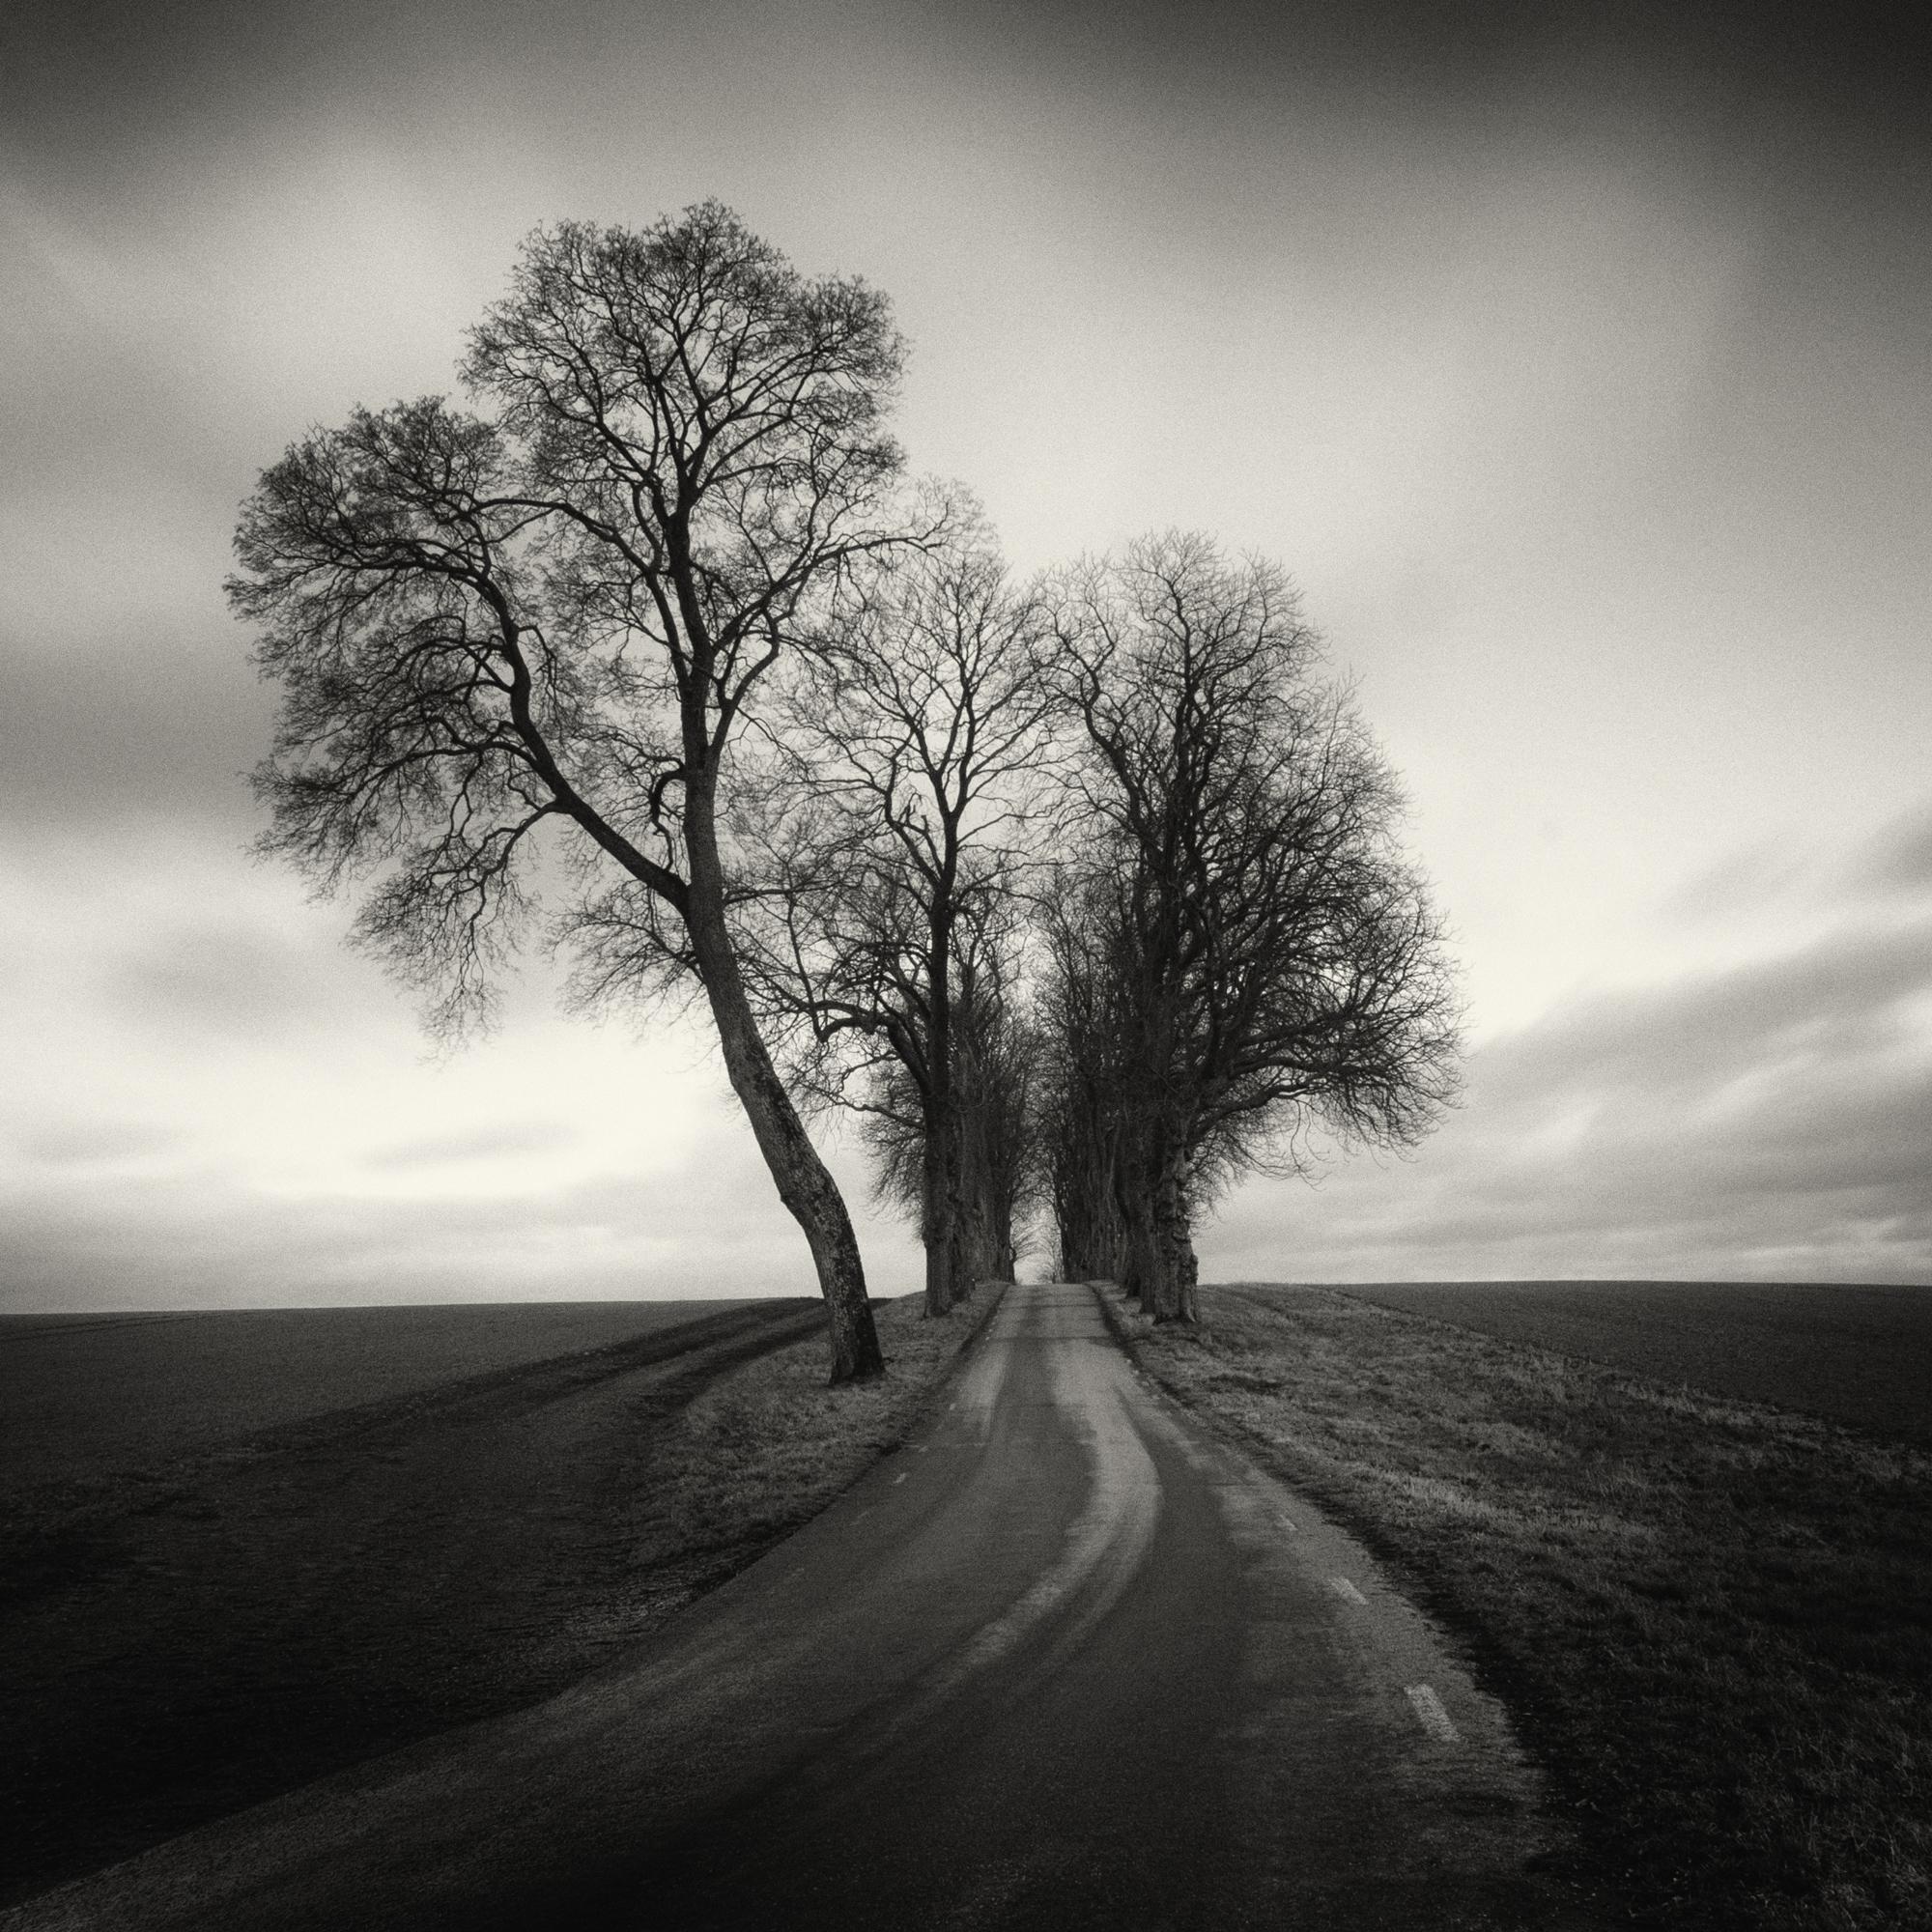 Hình ảnh con đường trắng đen